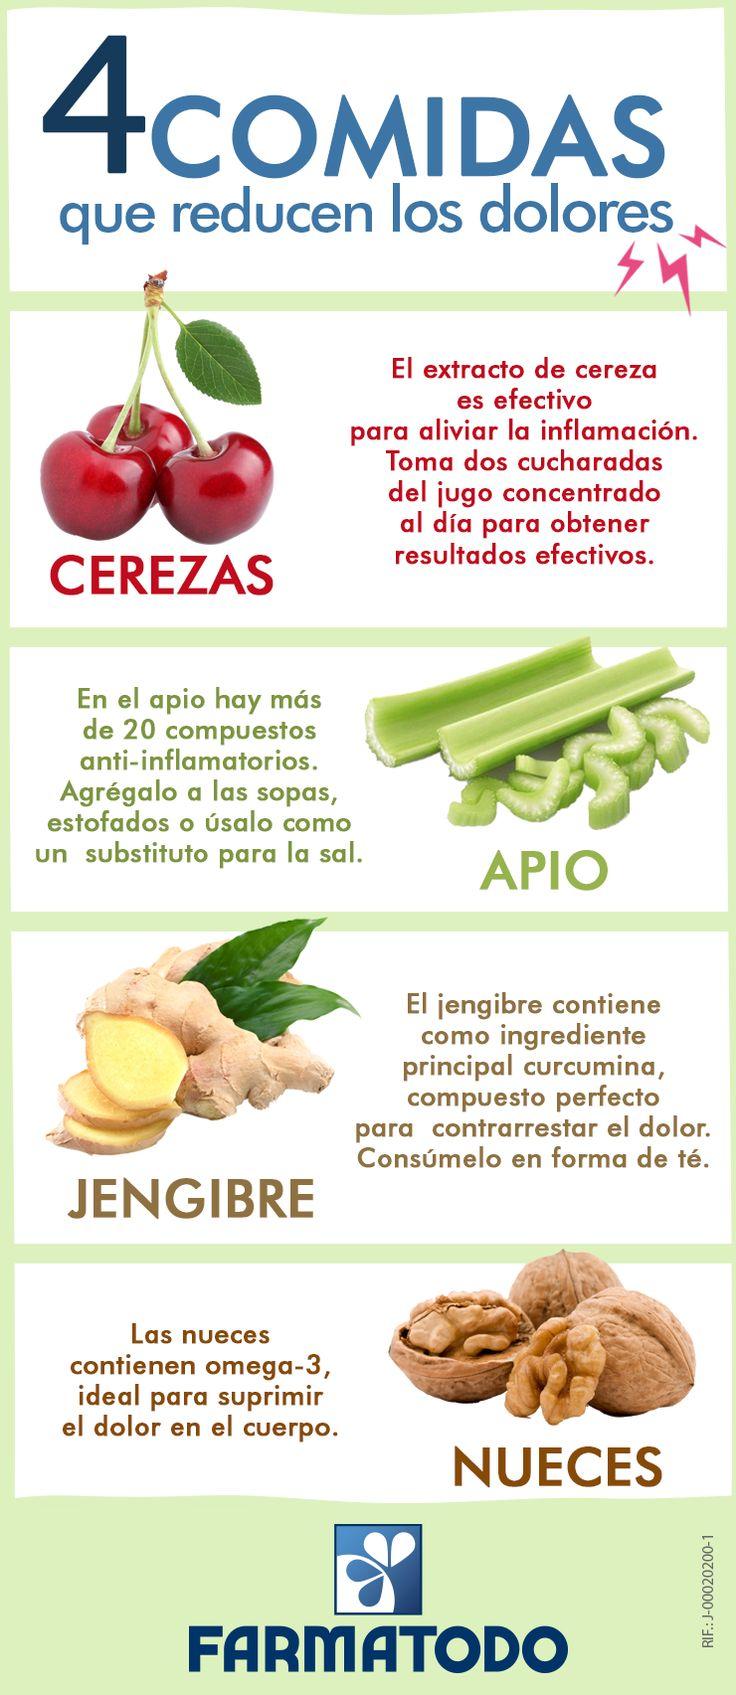 Conoce cuales son los alimentos que ayudan a reducir el dolor #ViveSaludable